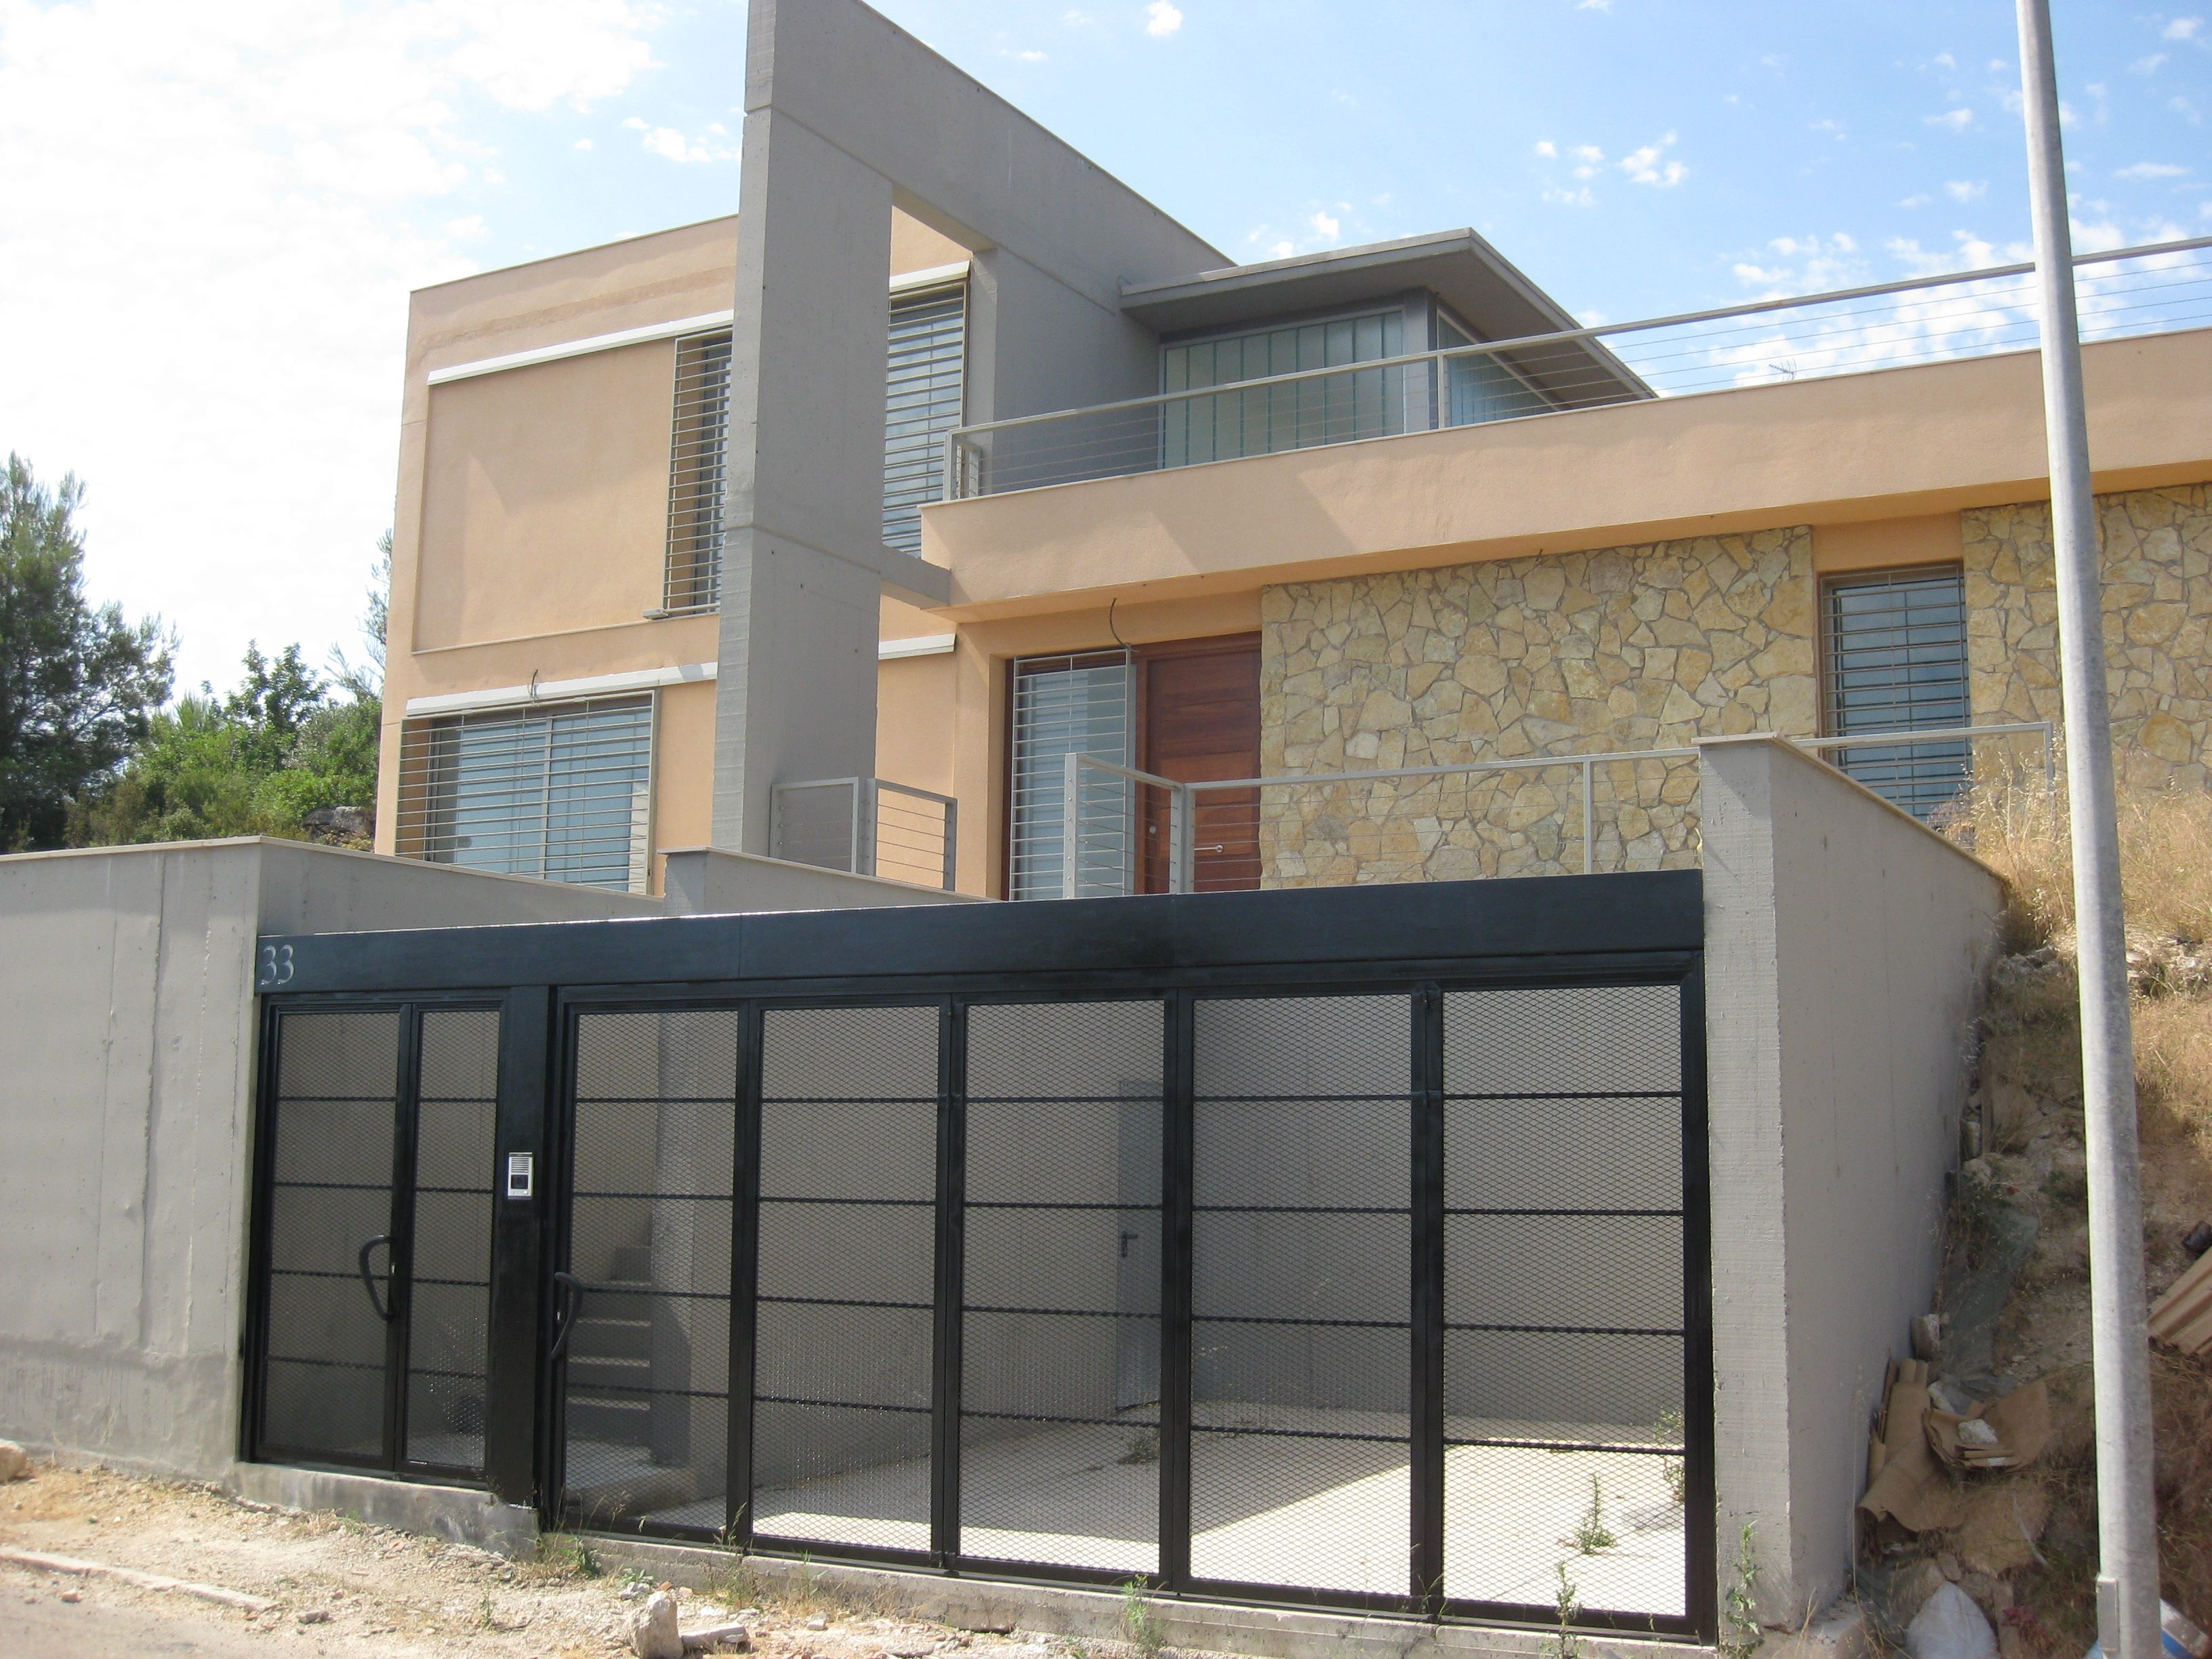 #Casas #Moderno #Exterior #Garaje #Puertas #Fachada